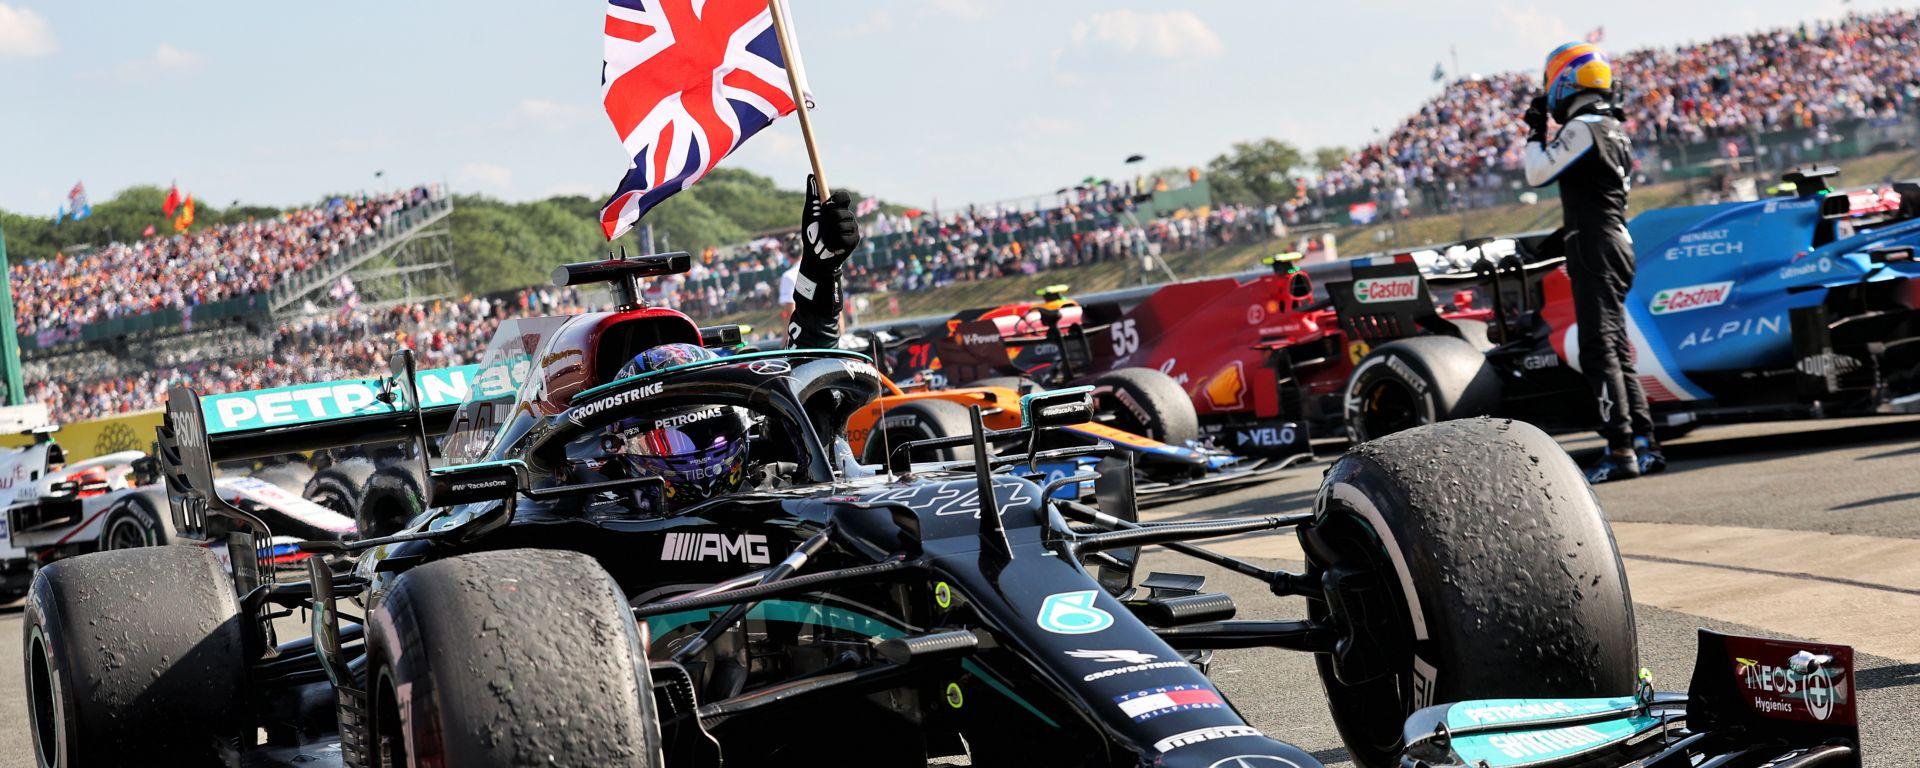 F1 GP Gran Bretagna 2021, Silverstone: Lewis Hamilton (Mercedes AMG F1) festeggia la vittoria